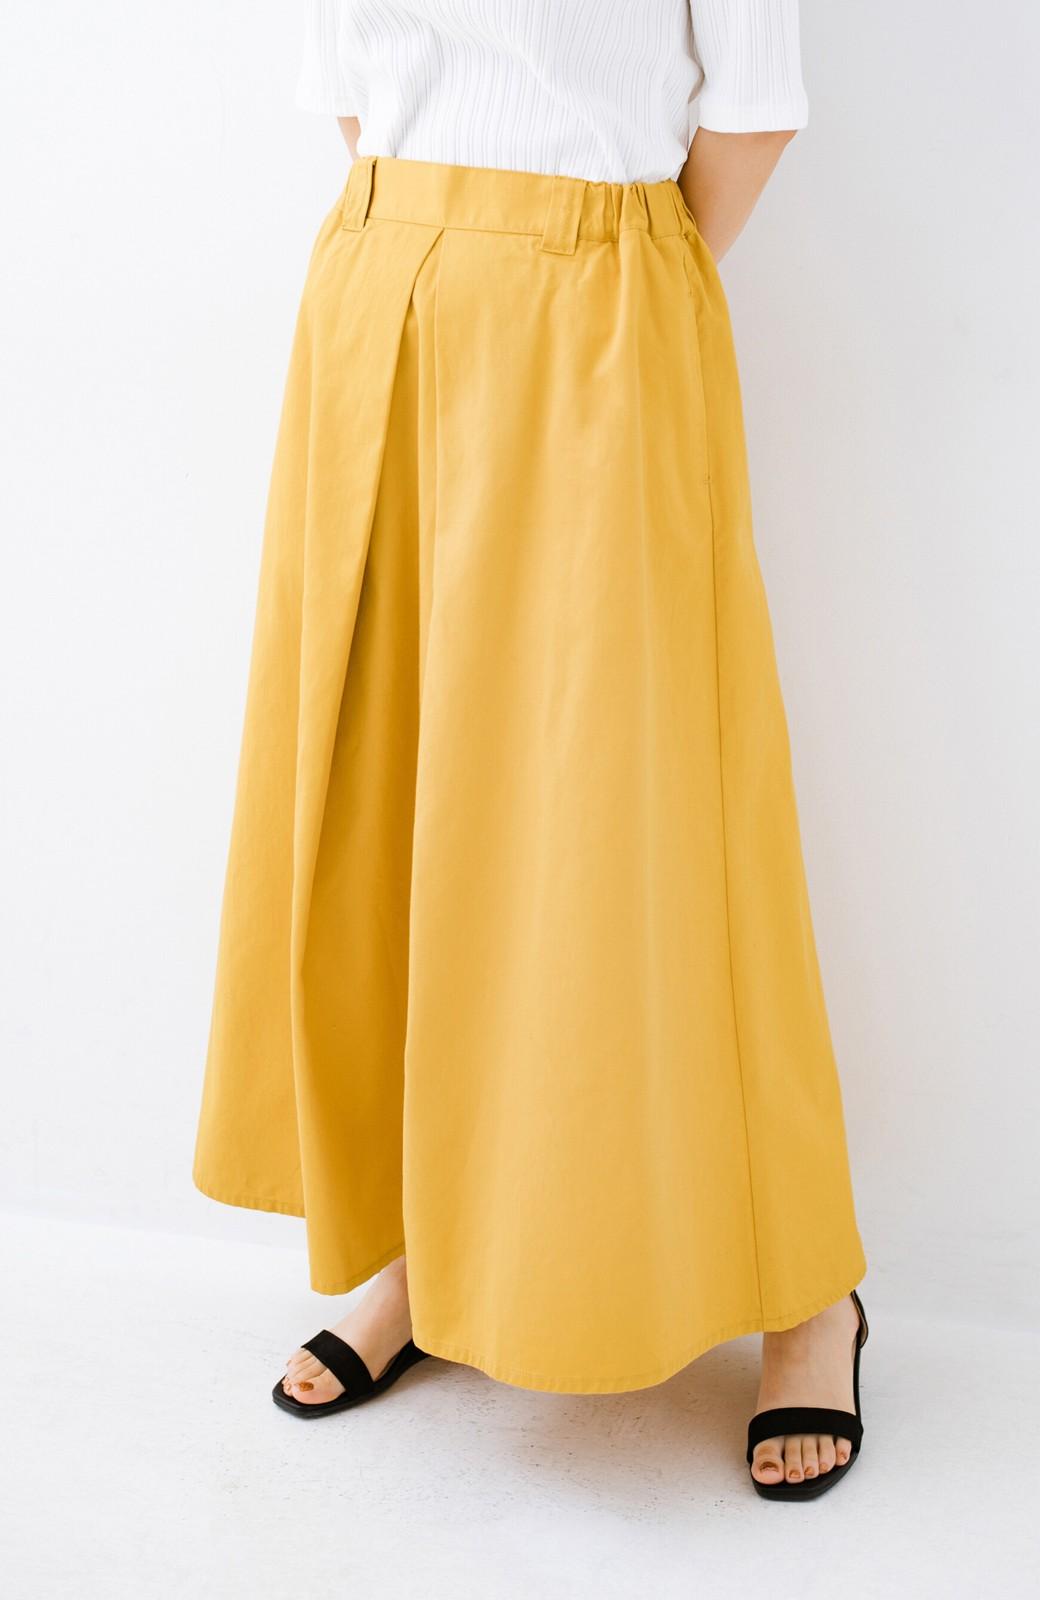 haco! ロングシーズン楽しめる タックボリュームのチノロングスカート <イエロー>の商品写真4